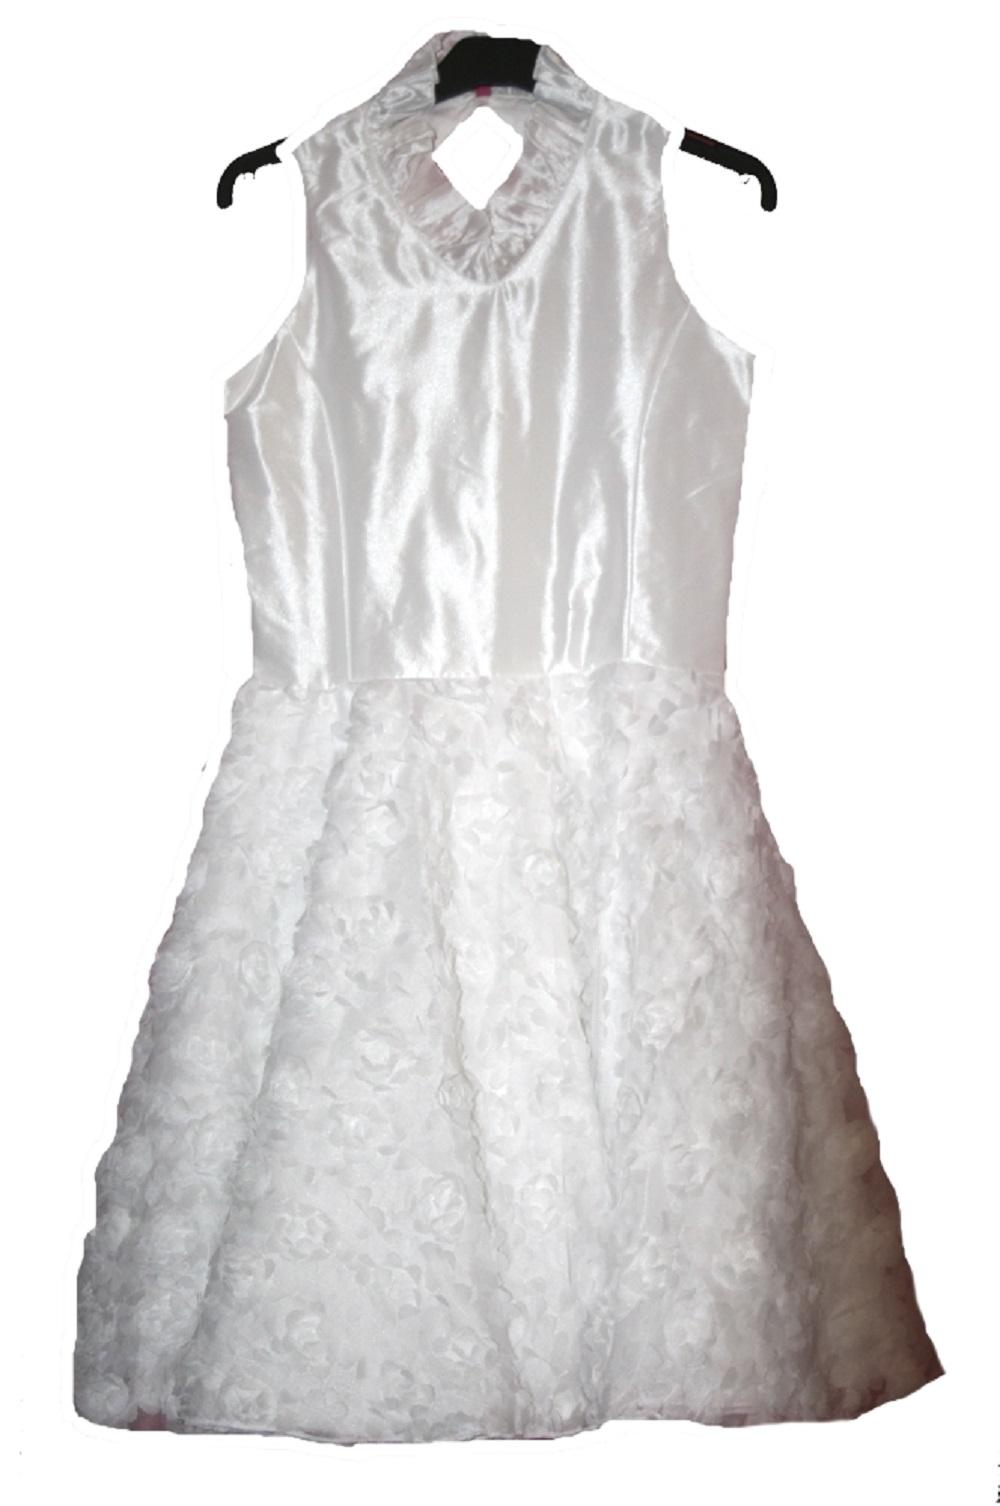 monny festl. weißes kleid blumen für kommunion, hochzeit gr.134 -146